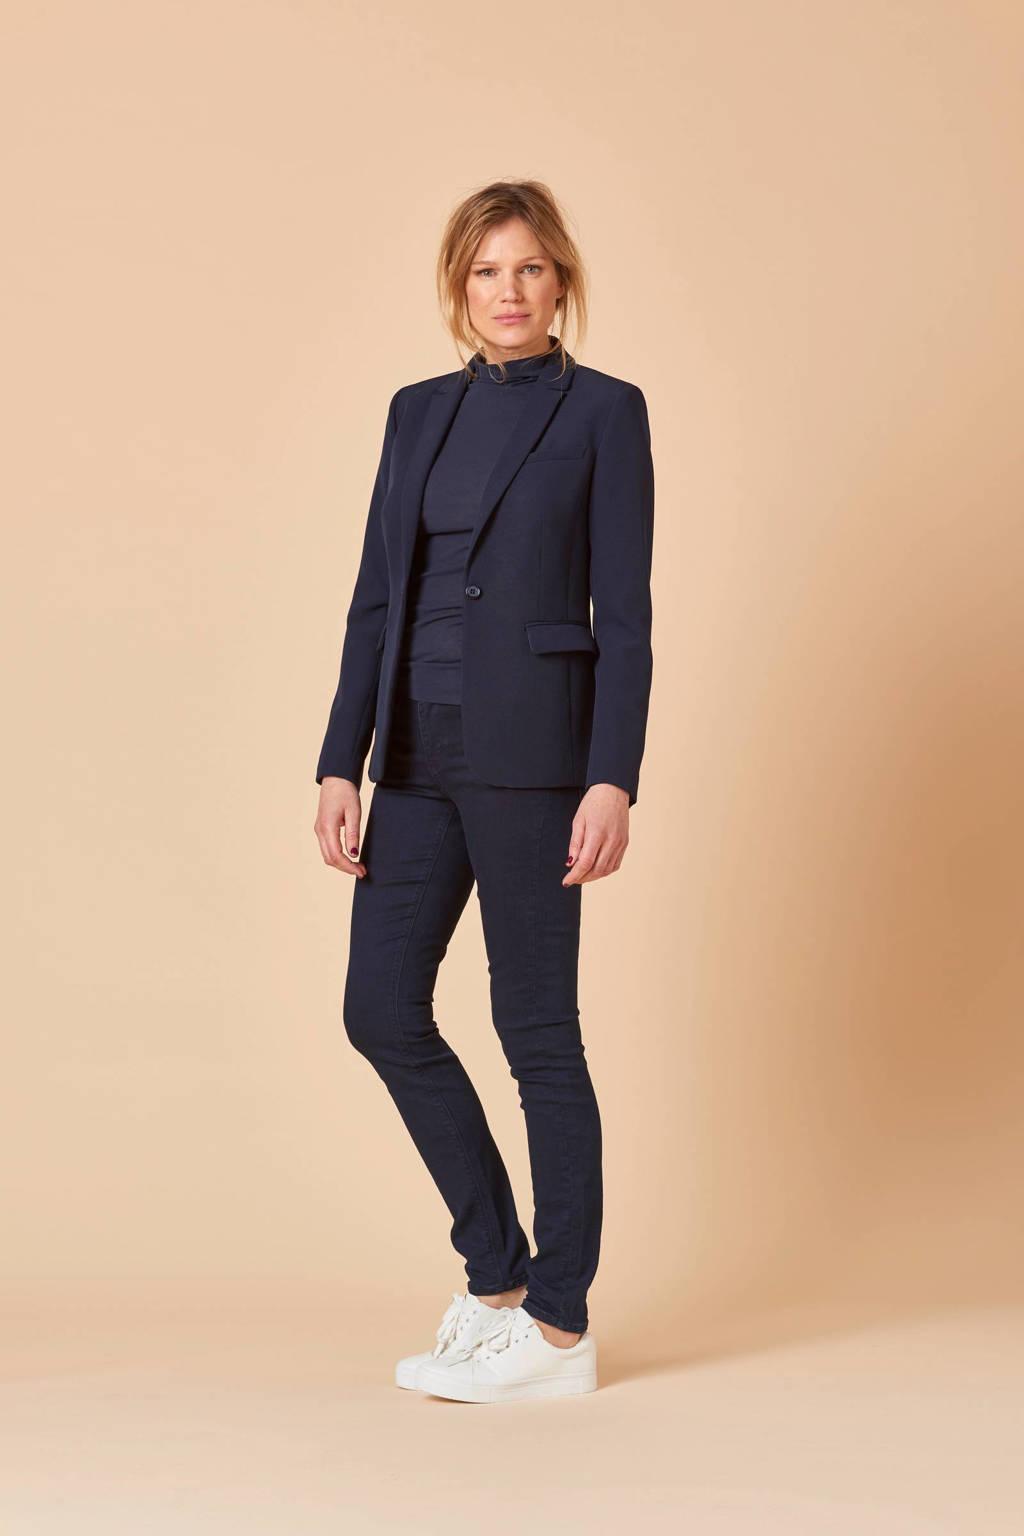 Promiss Jeans Fit Promiss Skinny Skinny HI0qrwIz